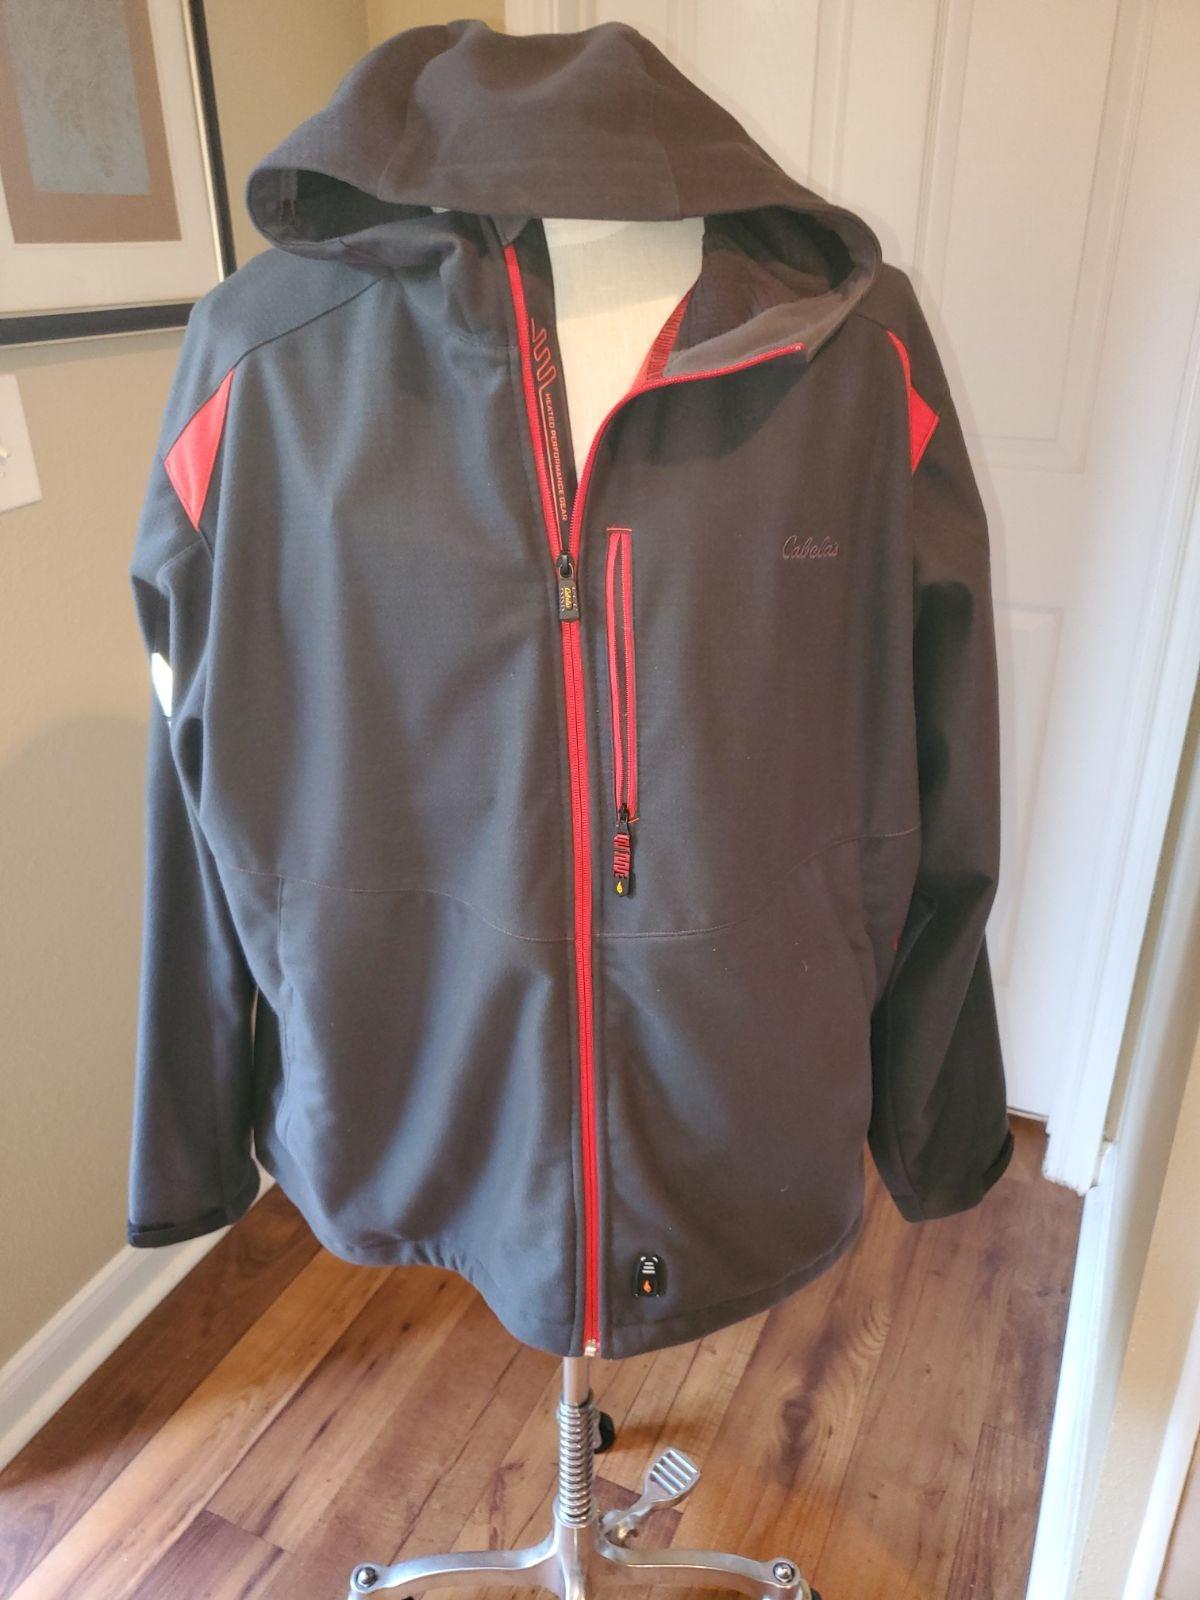 Cabela's coat/Jacket